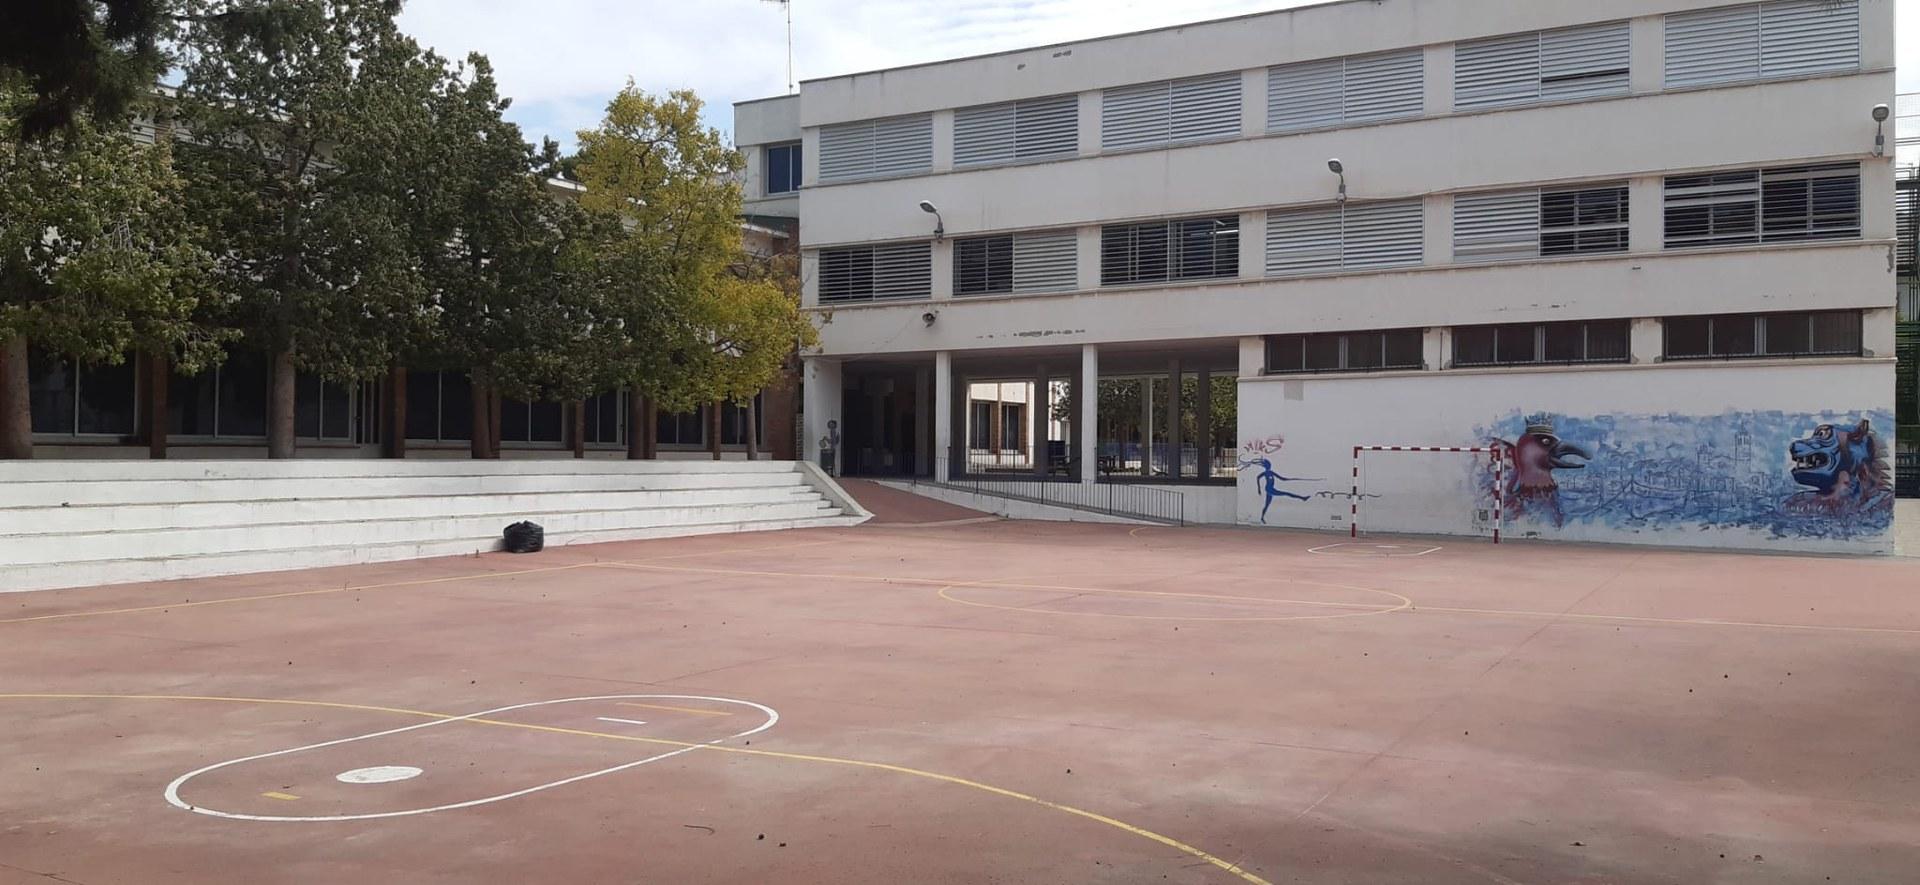 Jornada de Portes Obertes a l'Escola Esteve Barrachina (Preinscripció Curs Escolar 2021-2022)